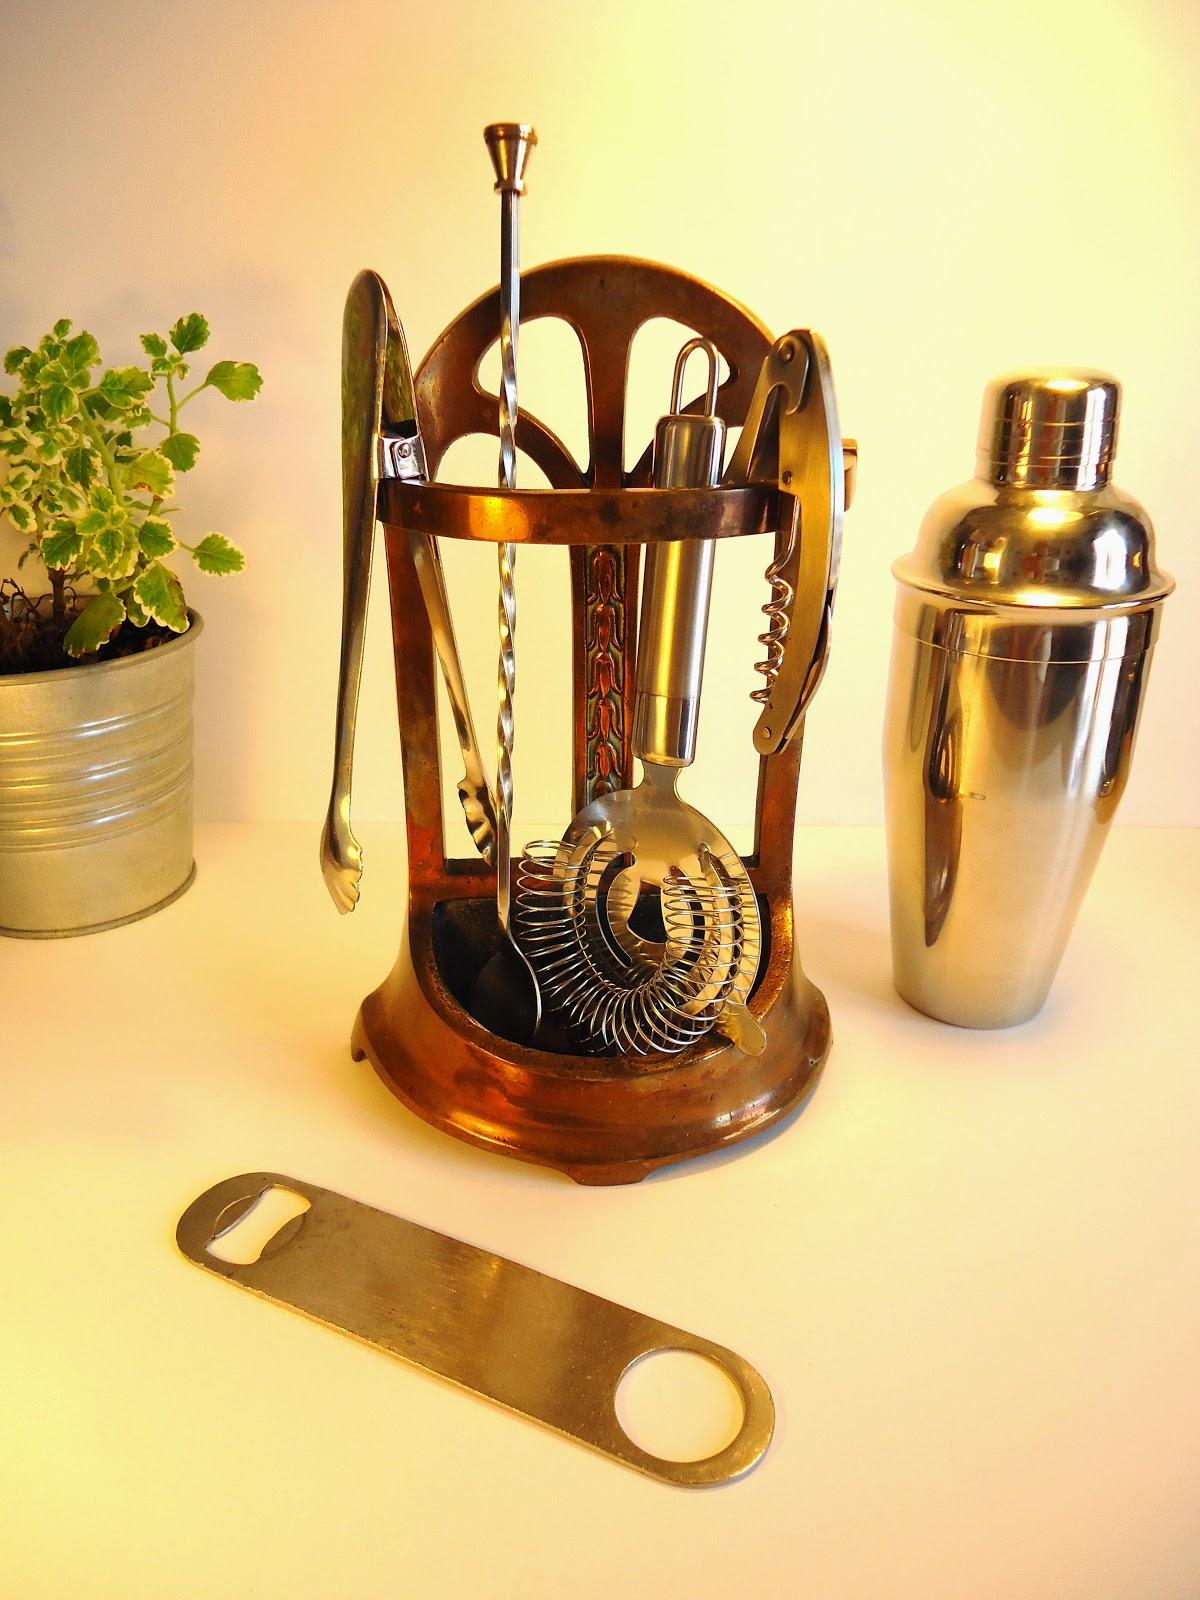 Base para accesorios de chimenea art nouveau vendida - Accesorios de chimeneas ...